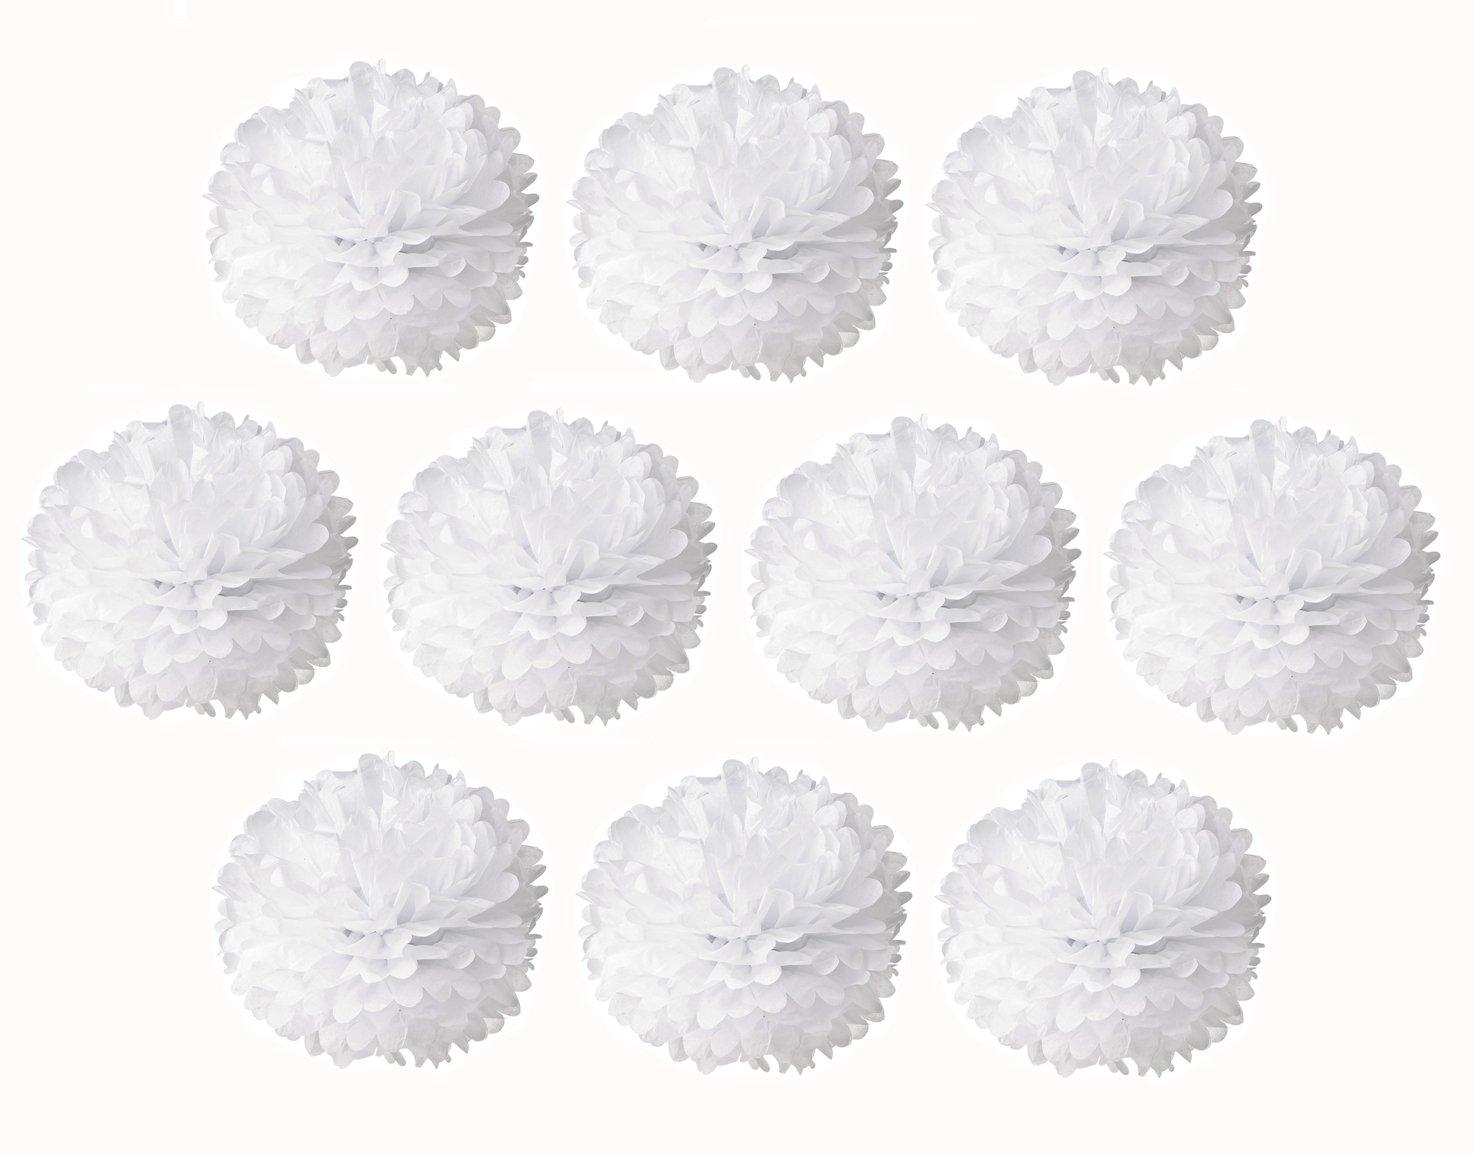 NectaRoy 10 Pompon Fiore Palla di Carta Bambino Decorazione Velina Decorativo Palla Fiore Per Matrimonio Party Compleanno Docce 10 pezzi (Bianca)